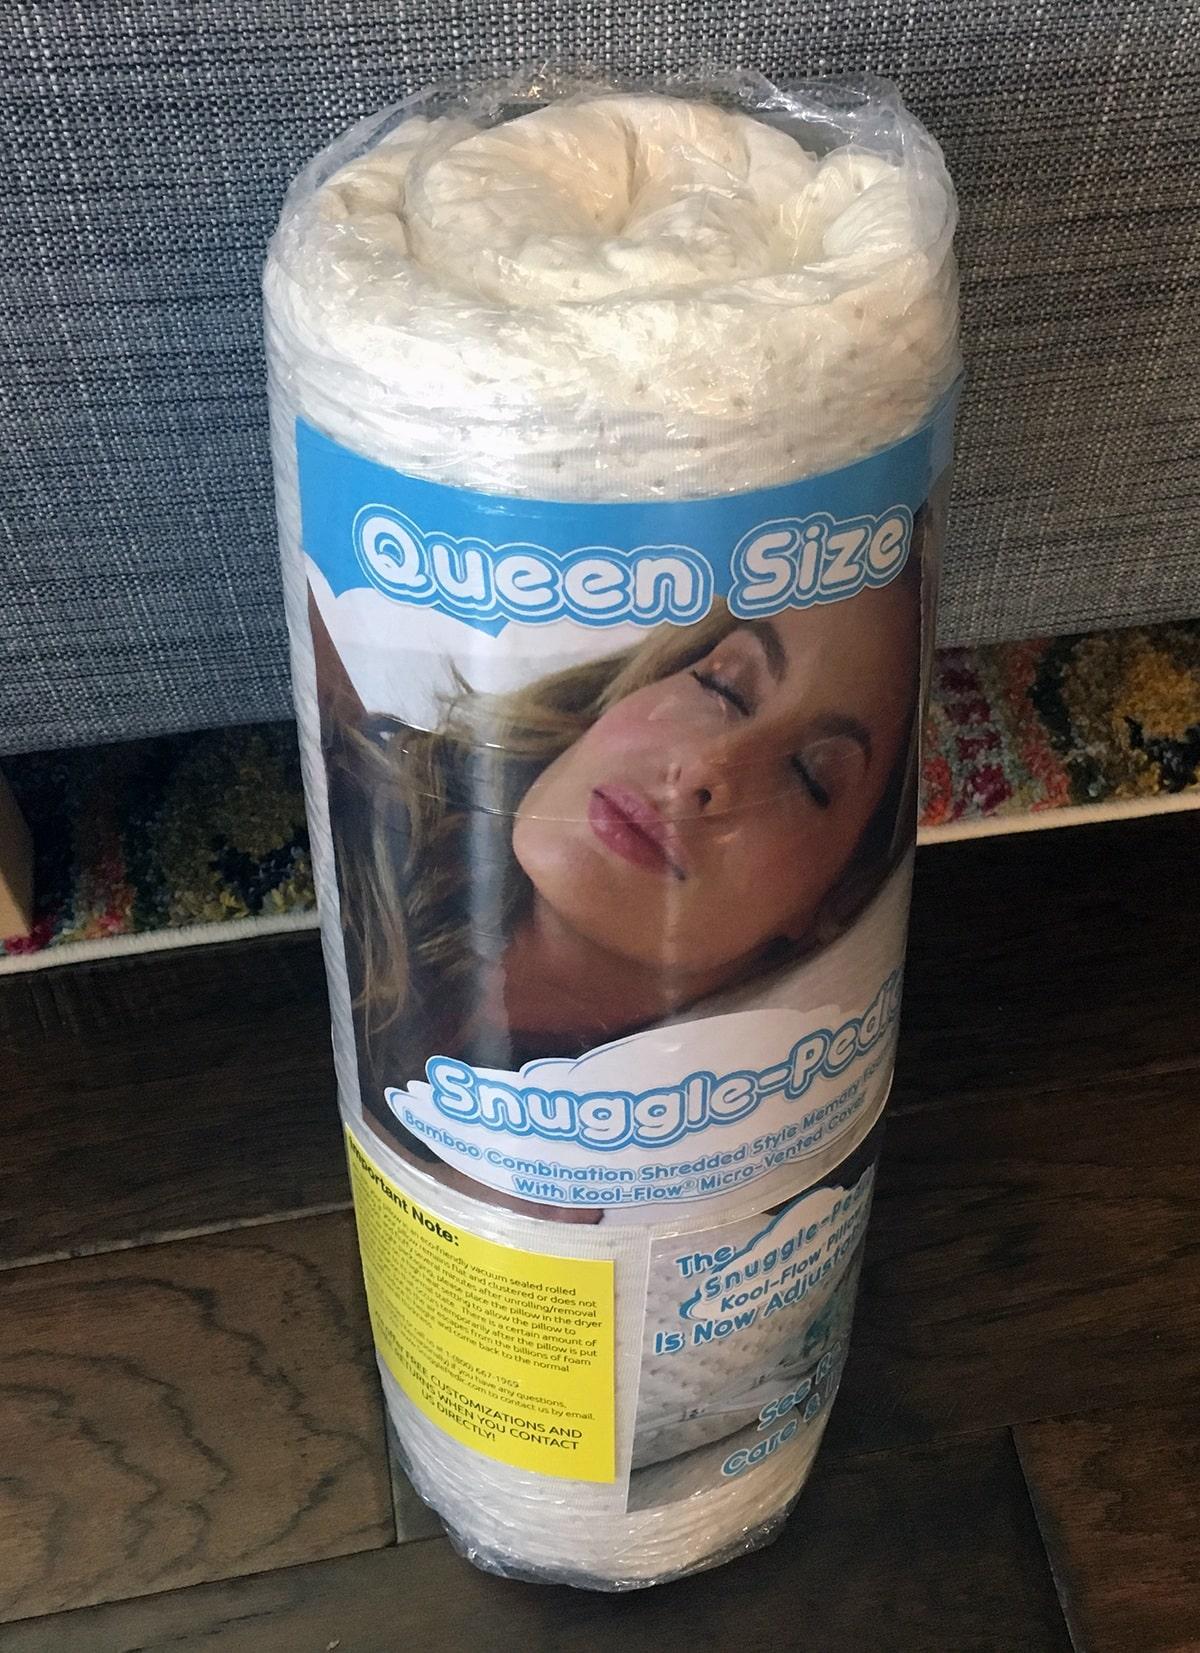 Snuggle-Pedic Adjustable Shredded Memory Foam Pillow Review